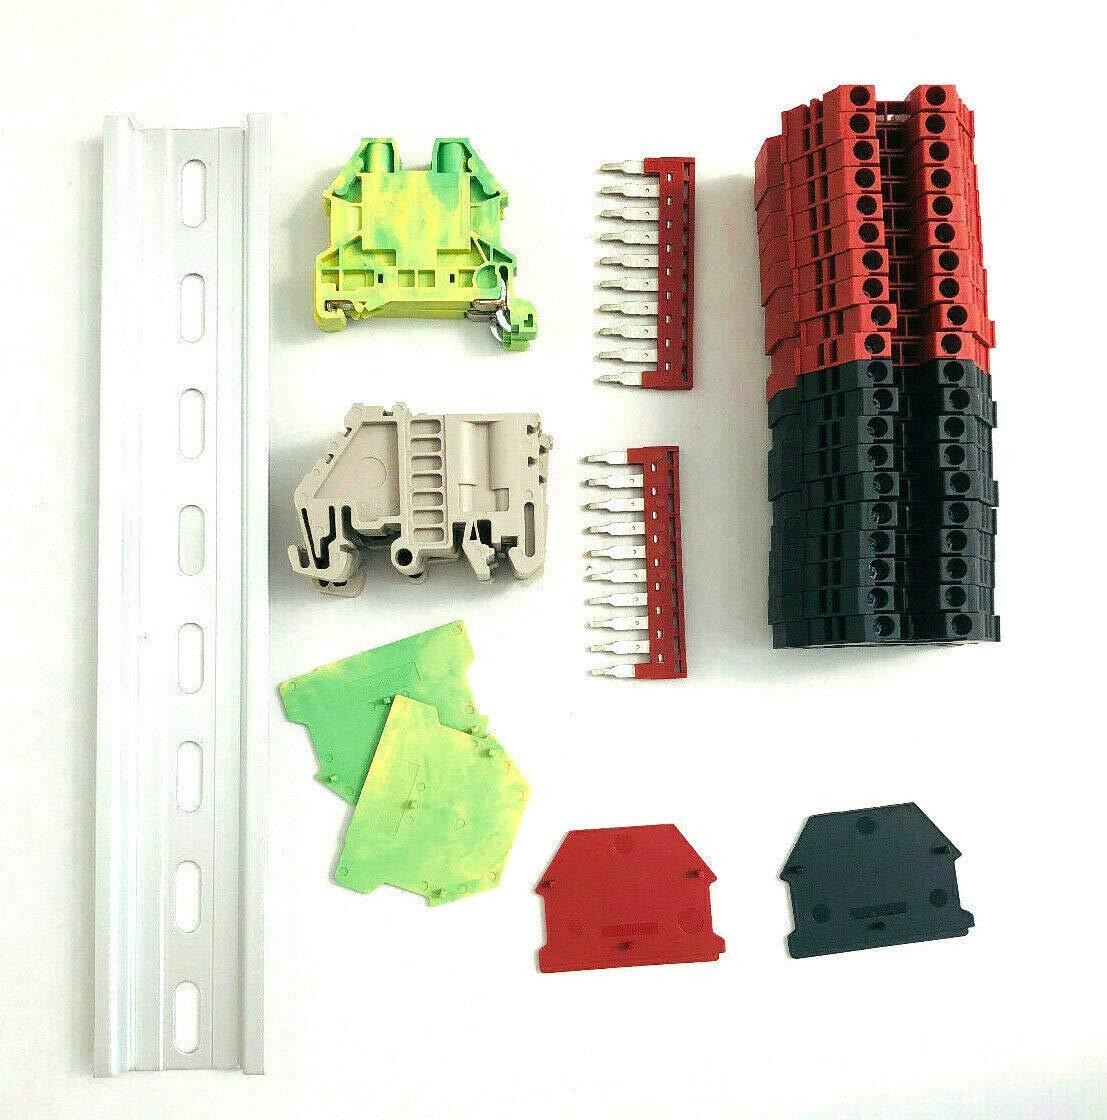 Dinkle UL Listed DIN Rail Terminal Block Kit #1 Red/Black Dinkle 20 DK2.5N 12 AWG Gauge 20A 600V Ground DK4N-PE Jumper DSS2.5N-10P End Covers End Brackets